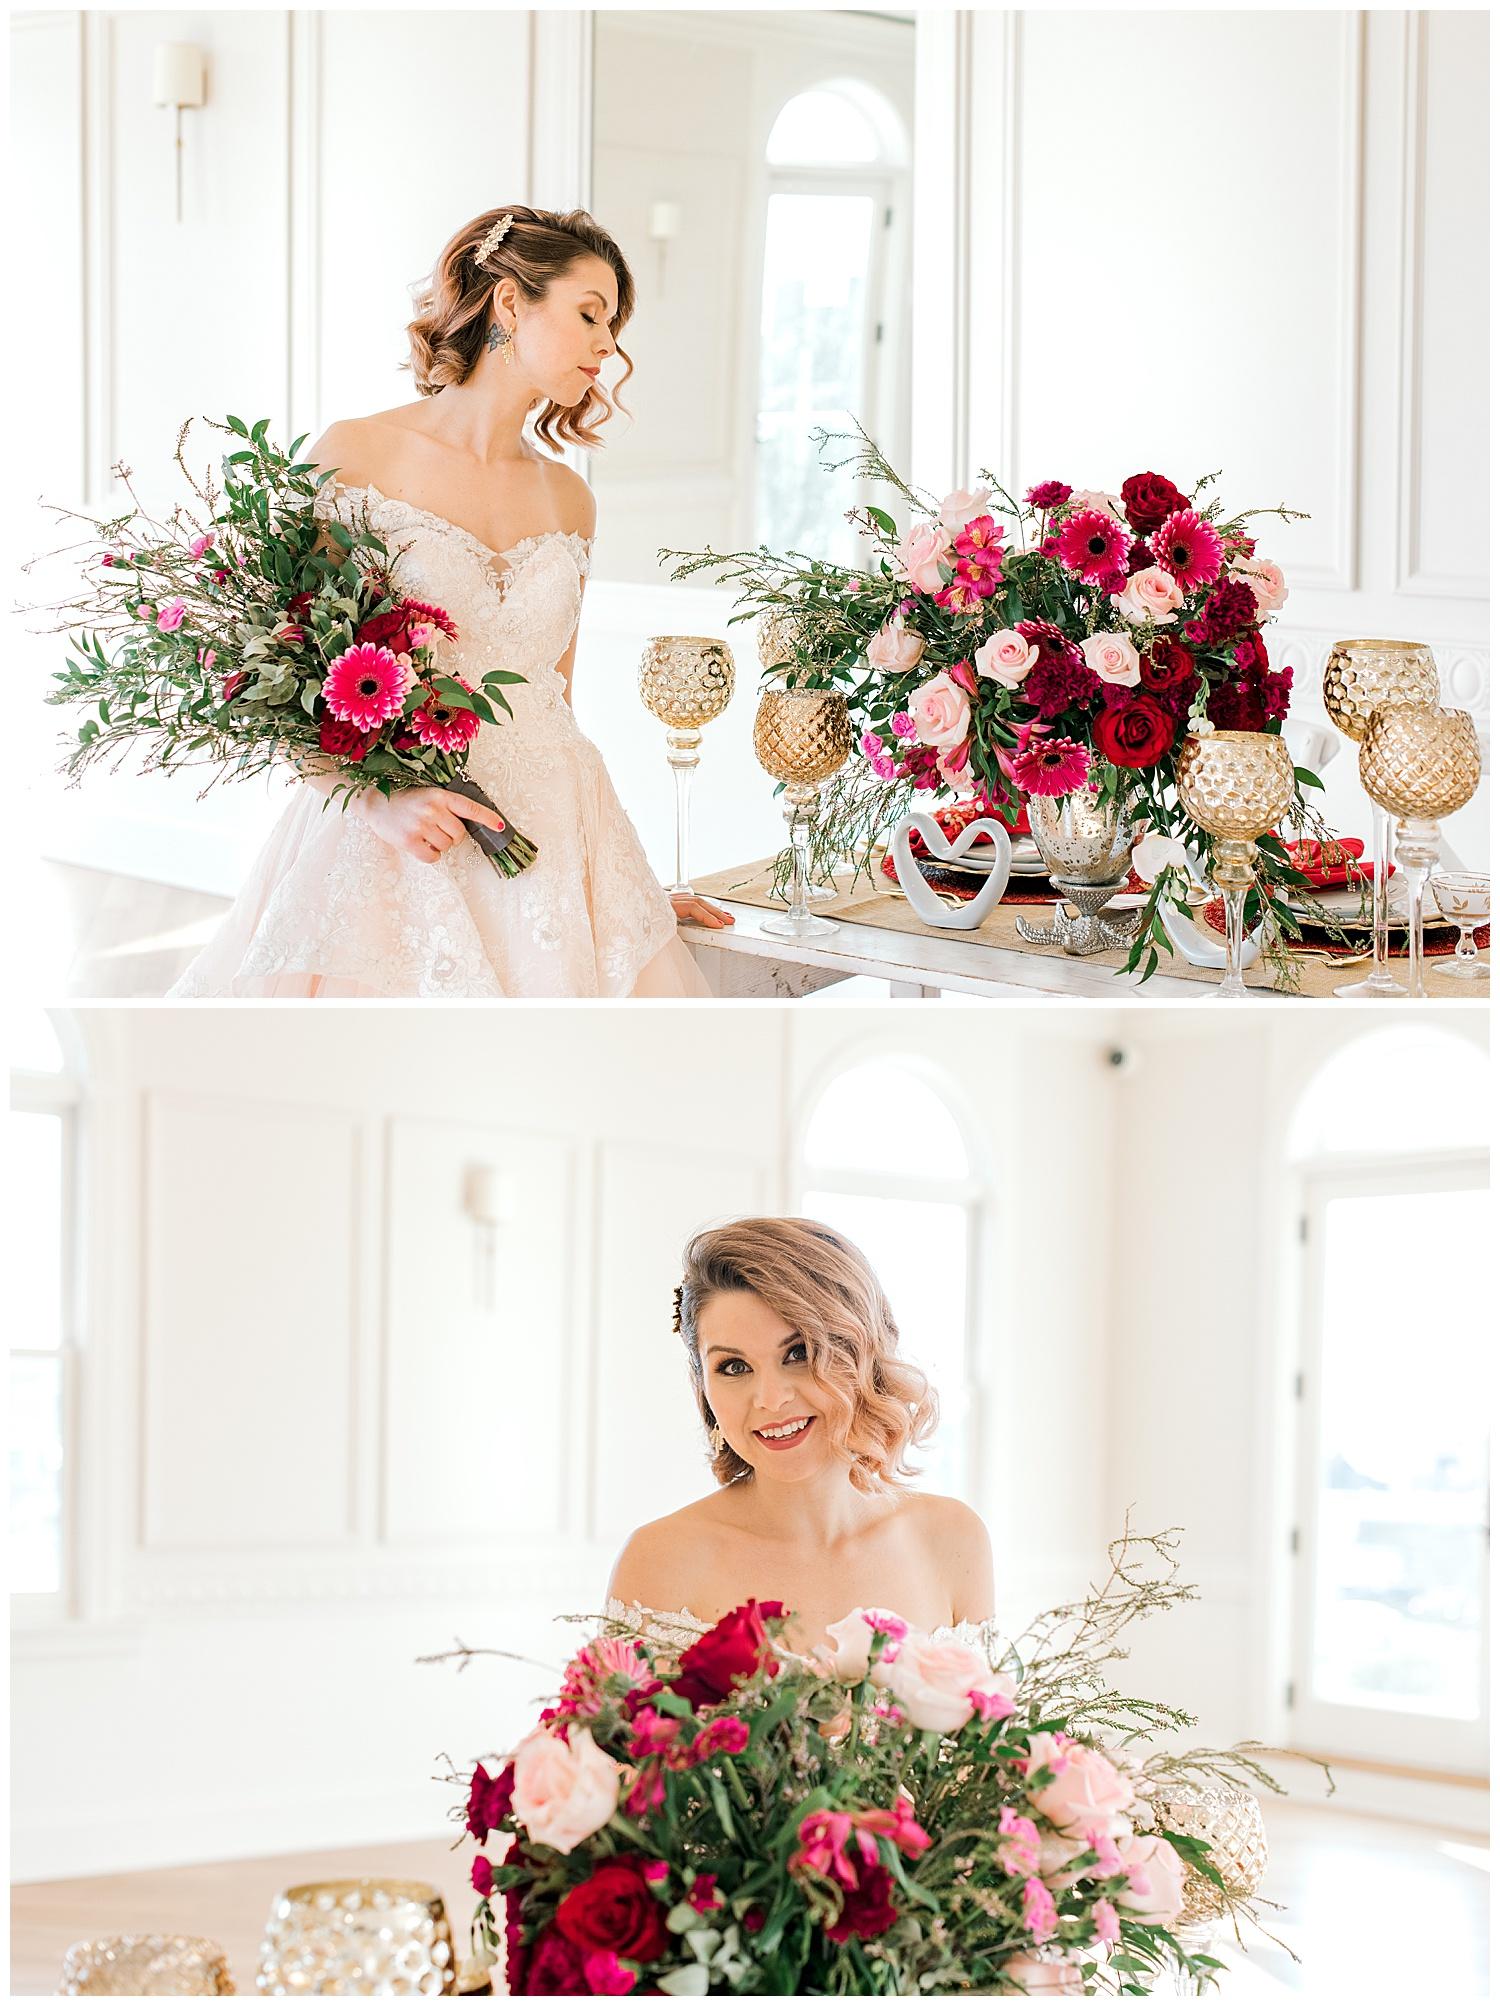 valentines-day-galentines-newport-wedding-photography-queen-annes-loft.-31.jpg